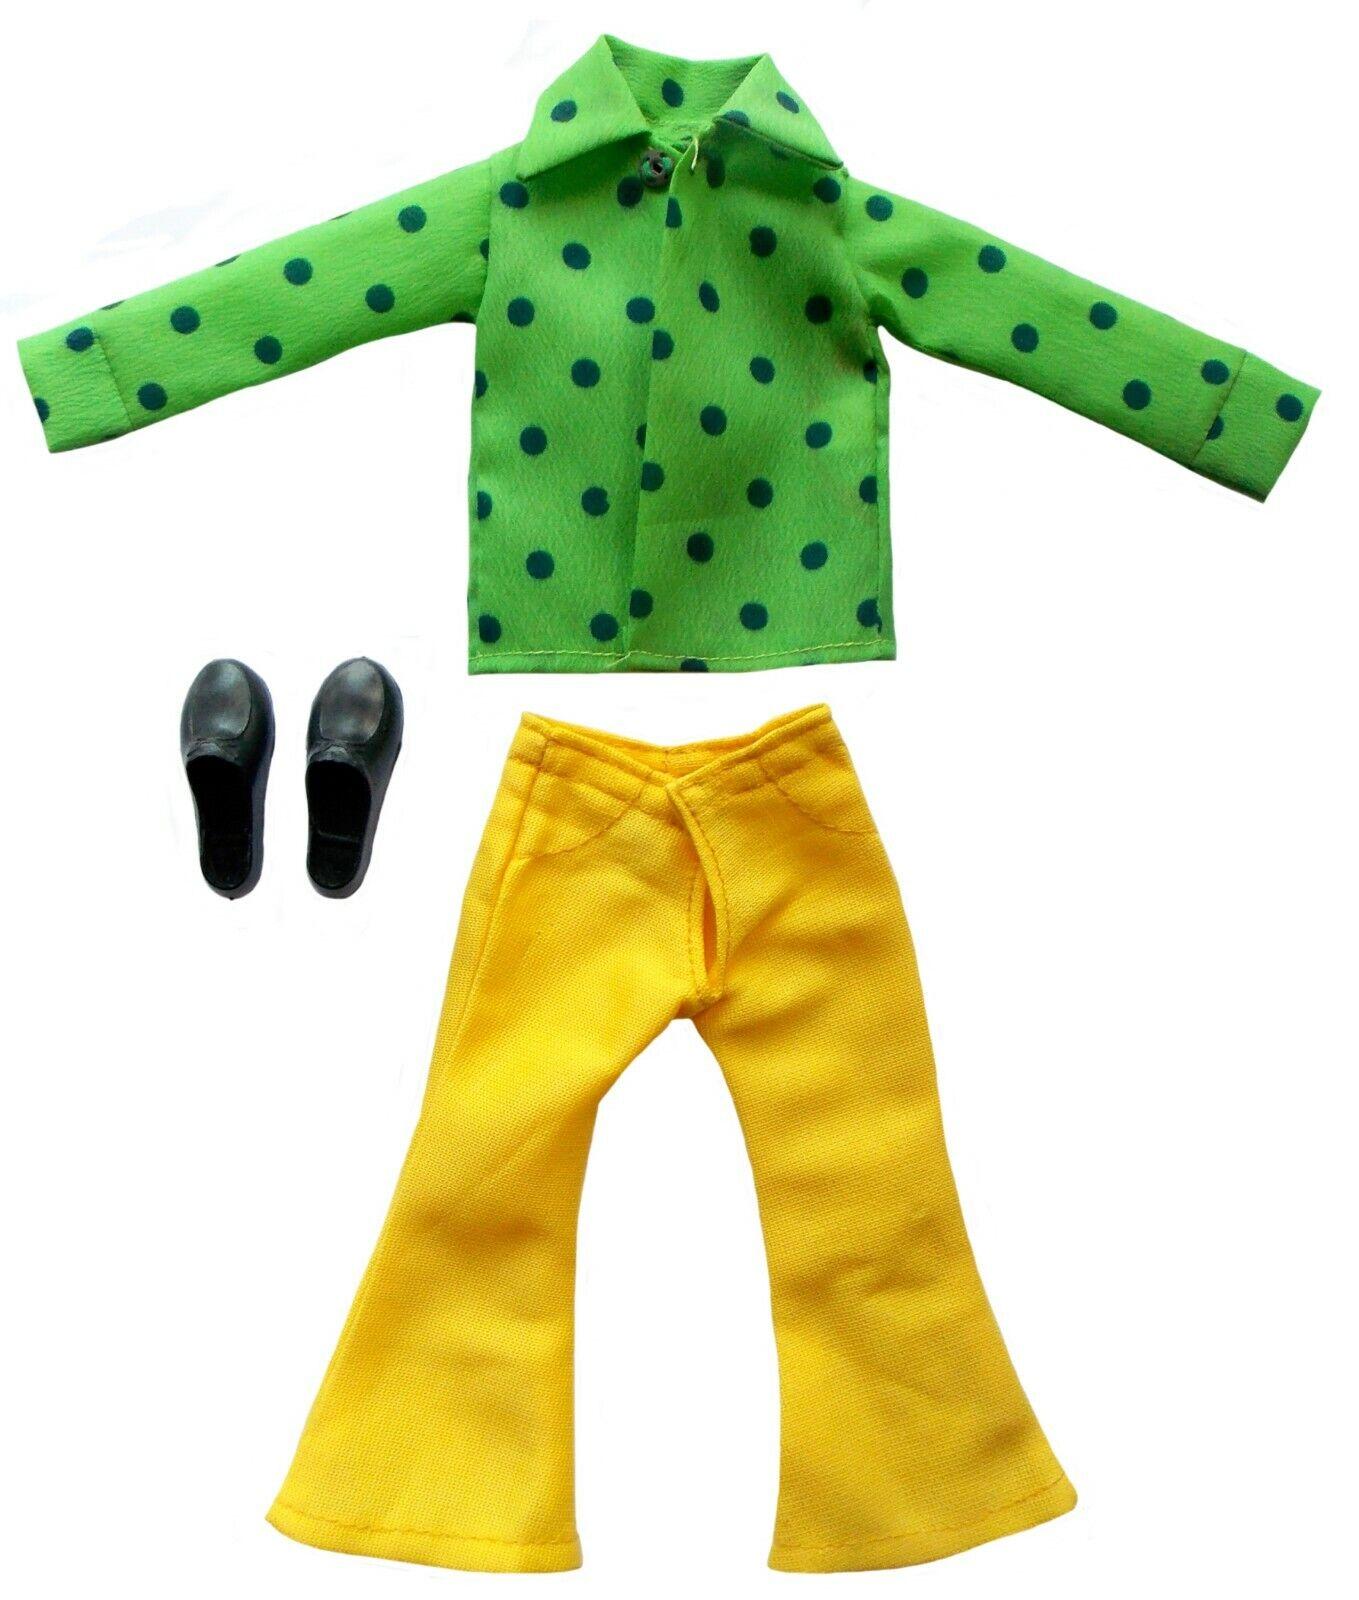 1970 Broadway Joe Namath 12  Mego Fútbol Muñeca -- verde Camiseta y pantalones de Color amarillo